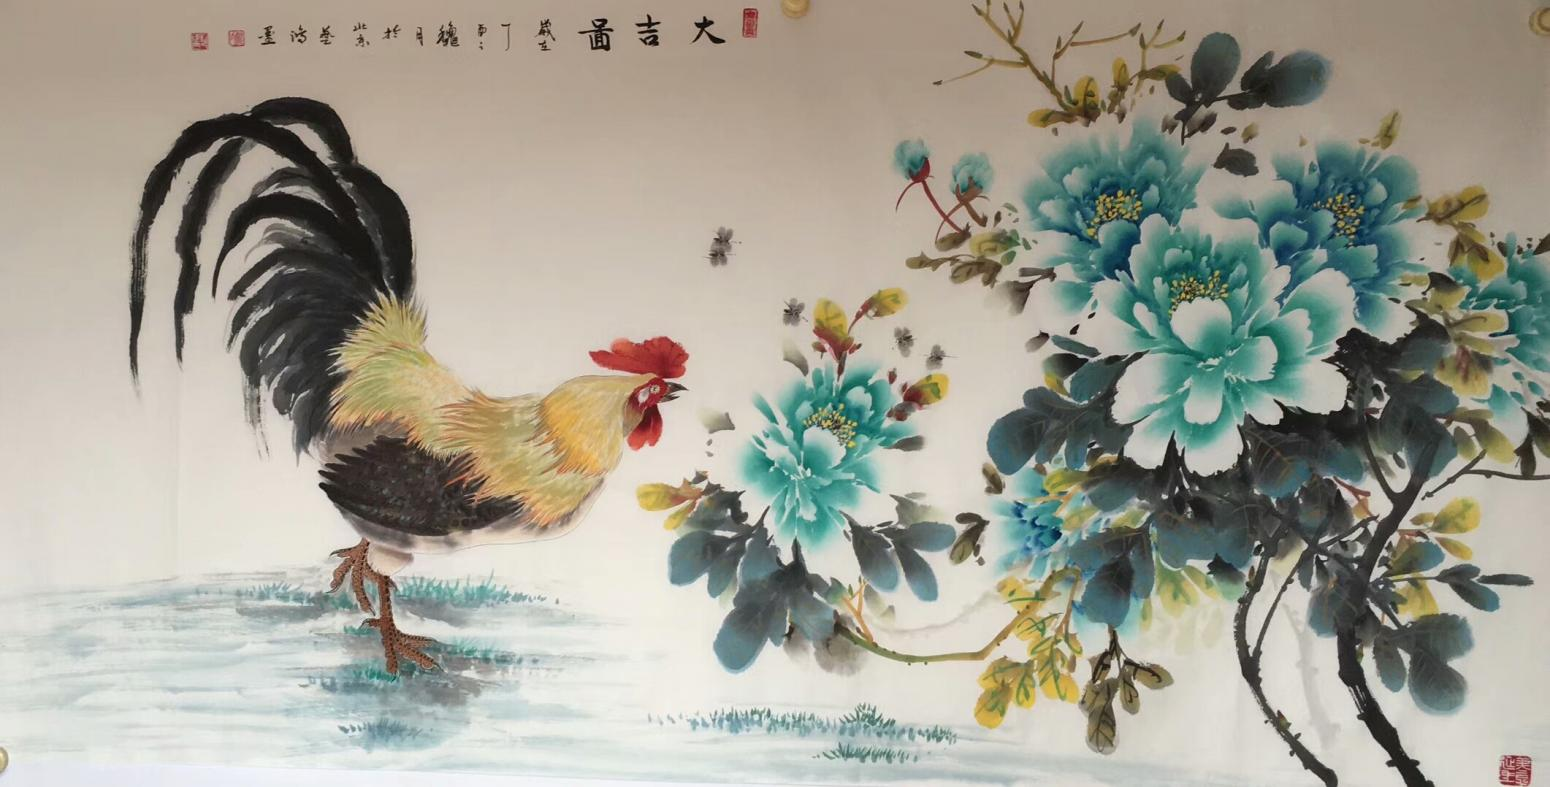 户广生国画作品《大吉图》